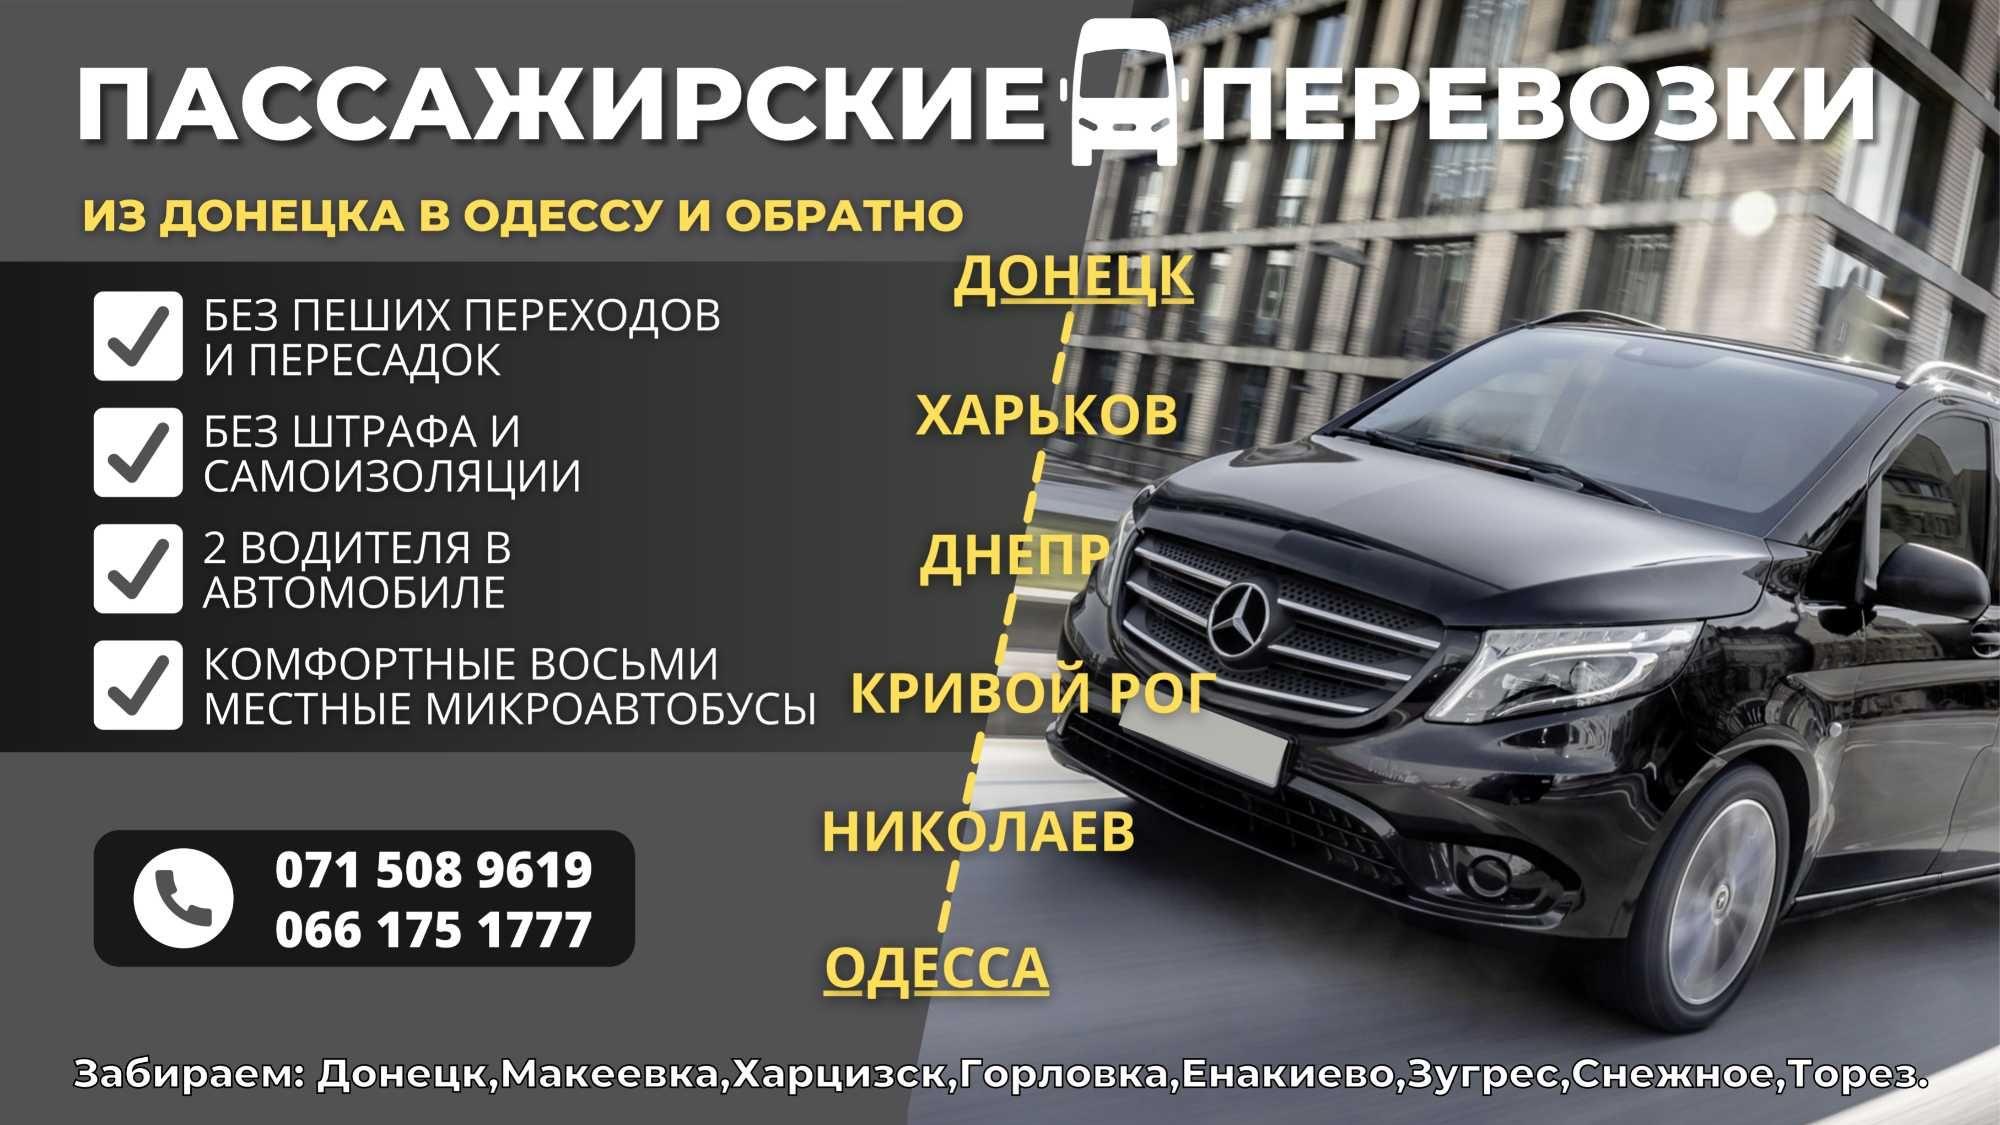 Пассажирские перевозки Днепр-Донецк ежедневнно